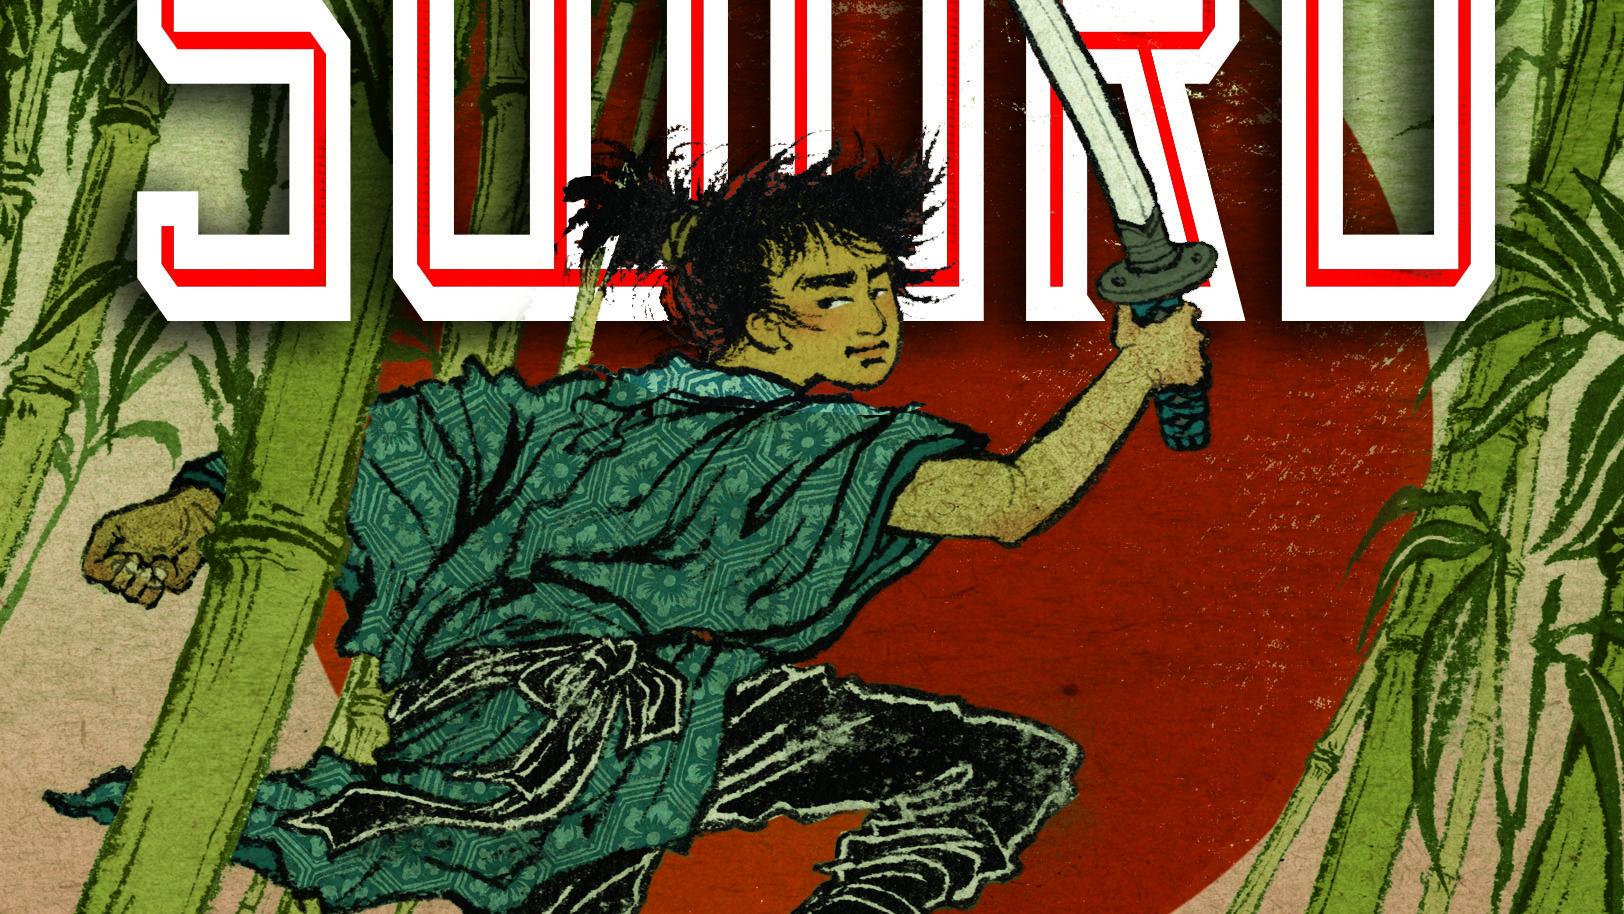 bamboo-sword-banner.jpg